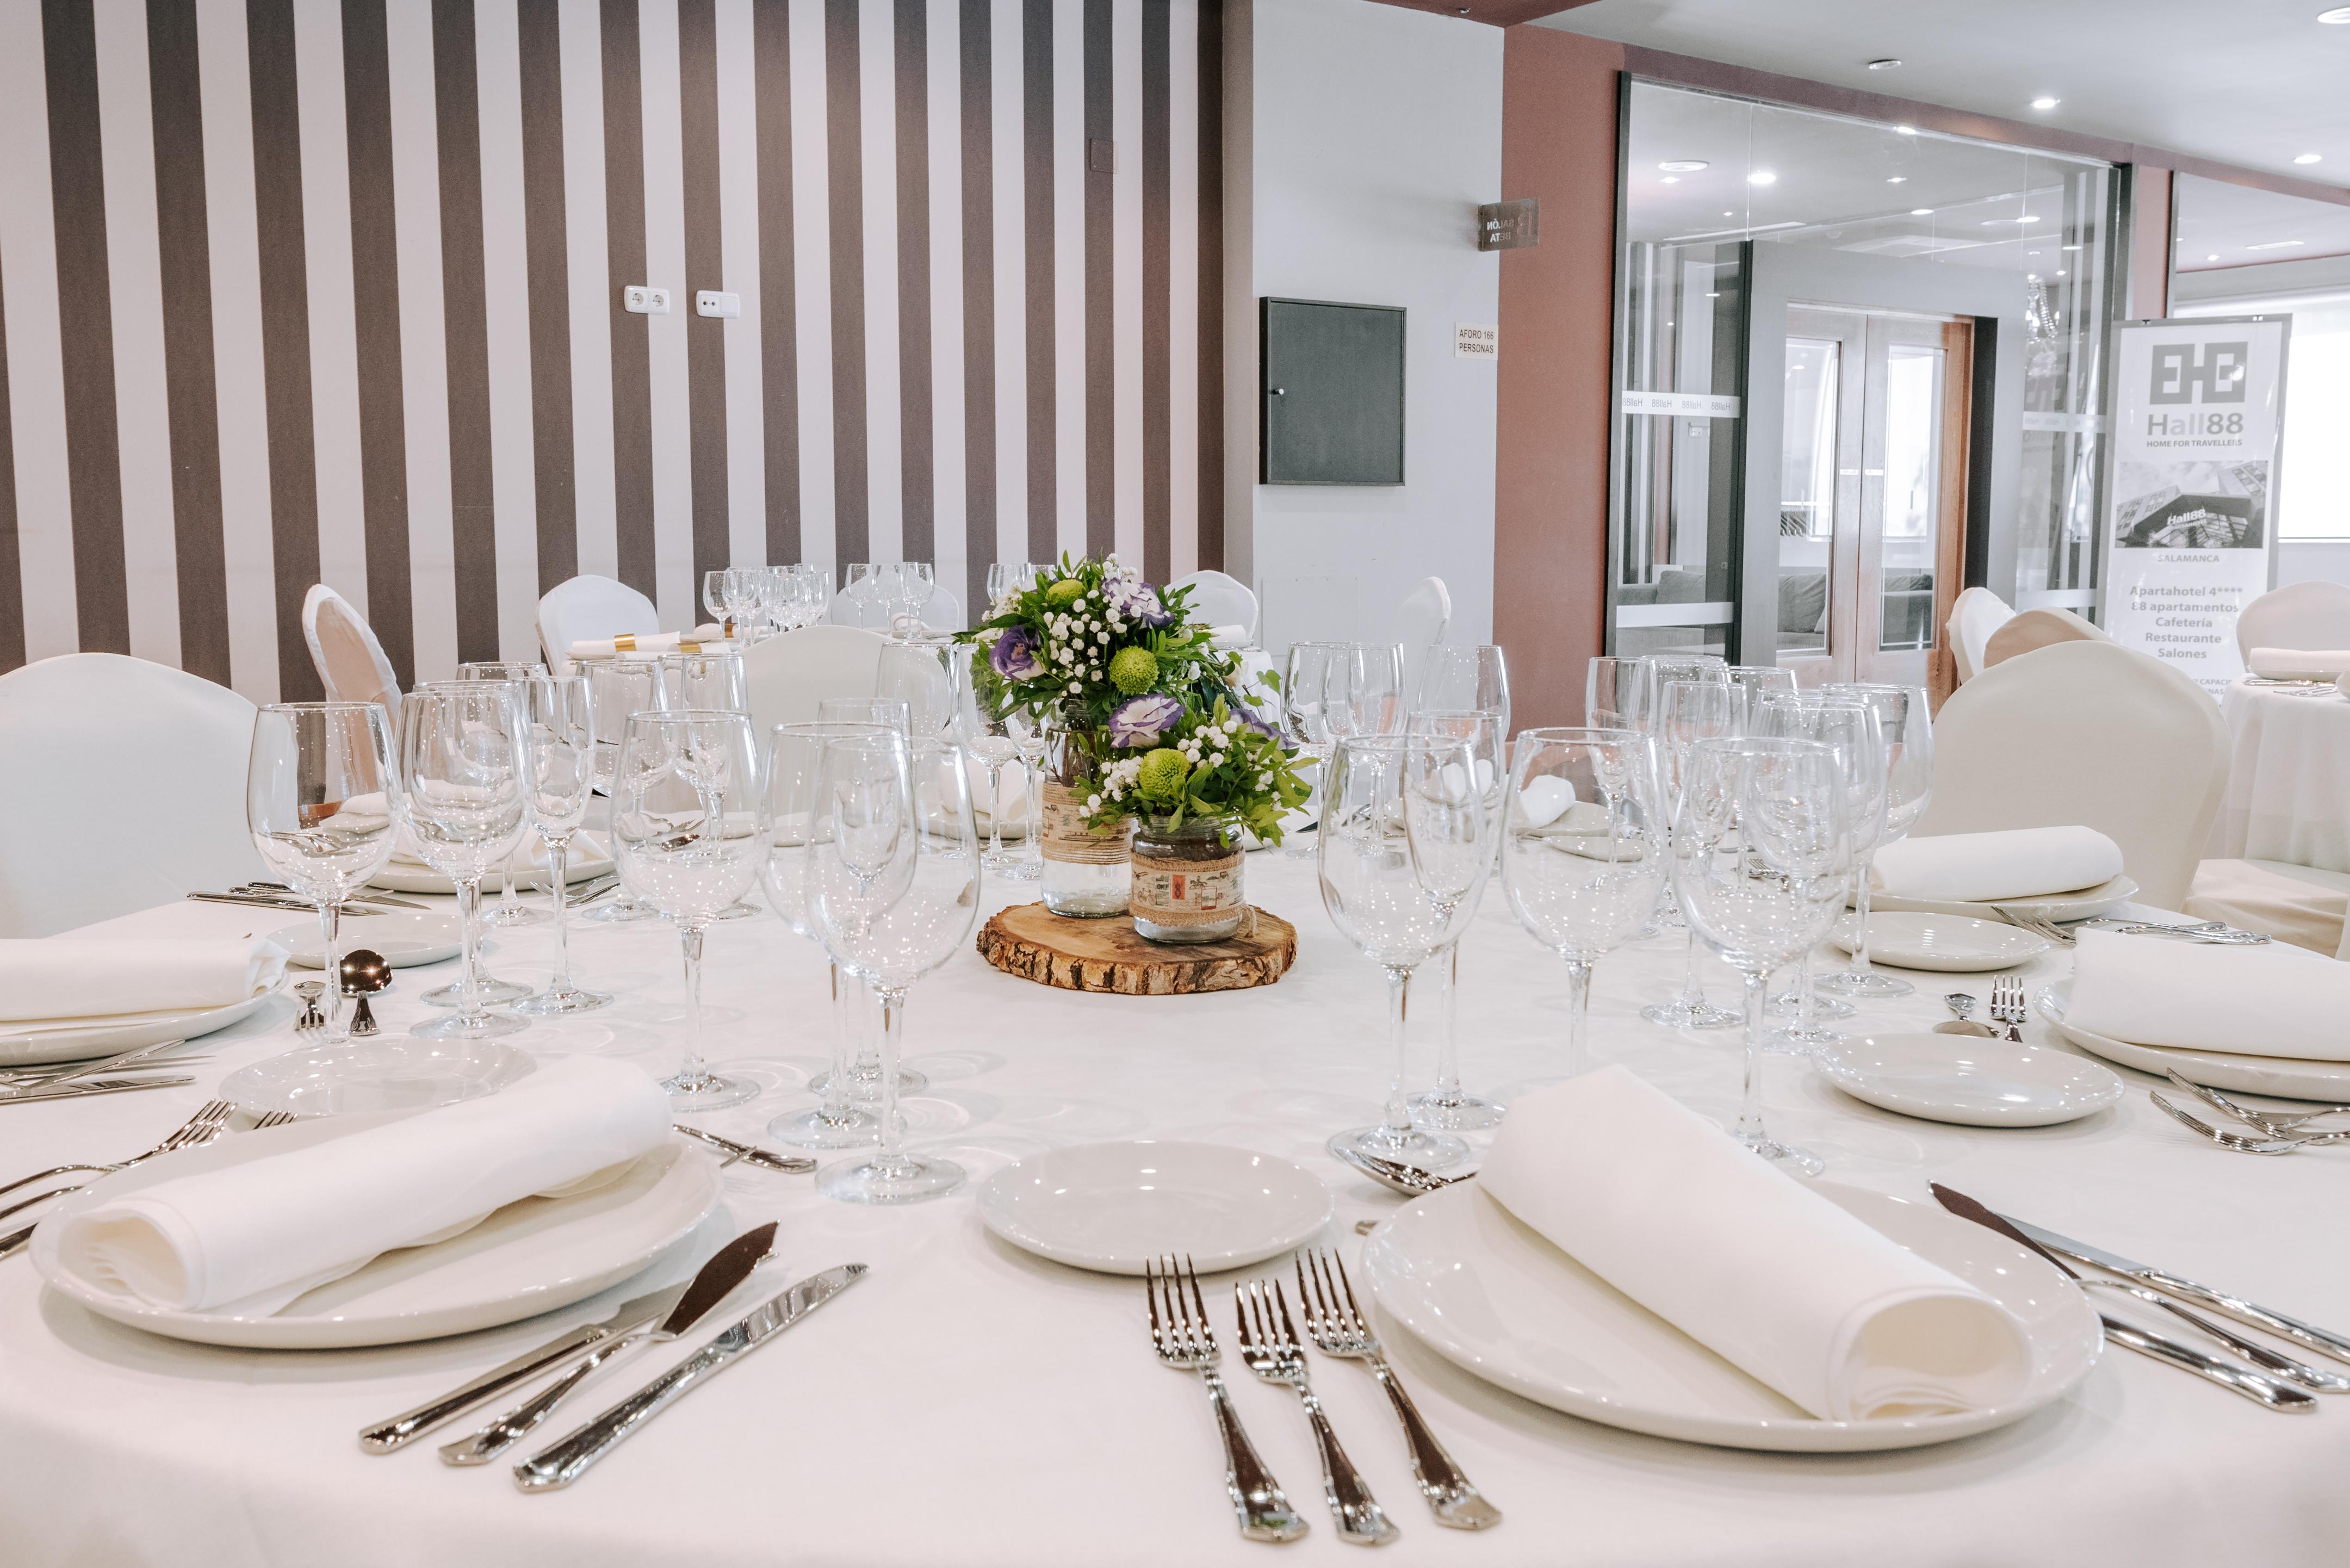 Salones y banquetes en Zenit Hall 88